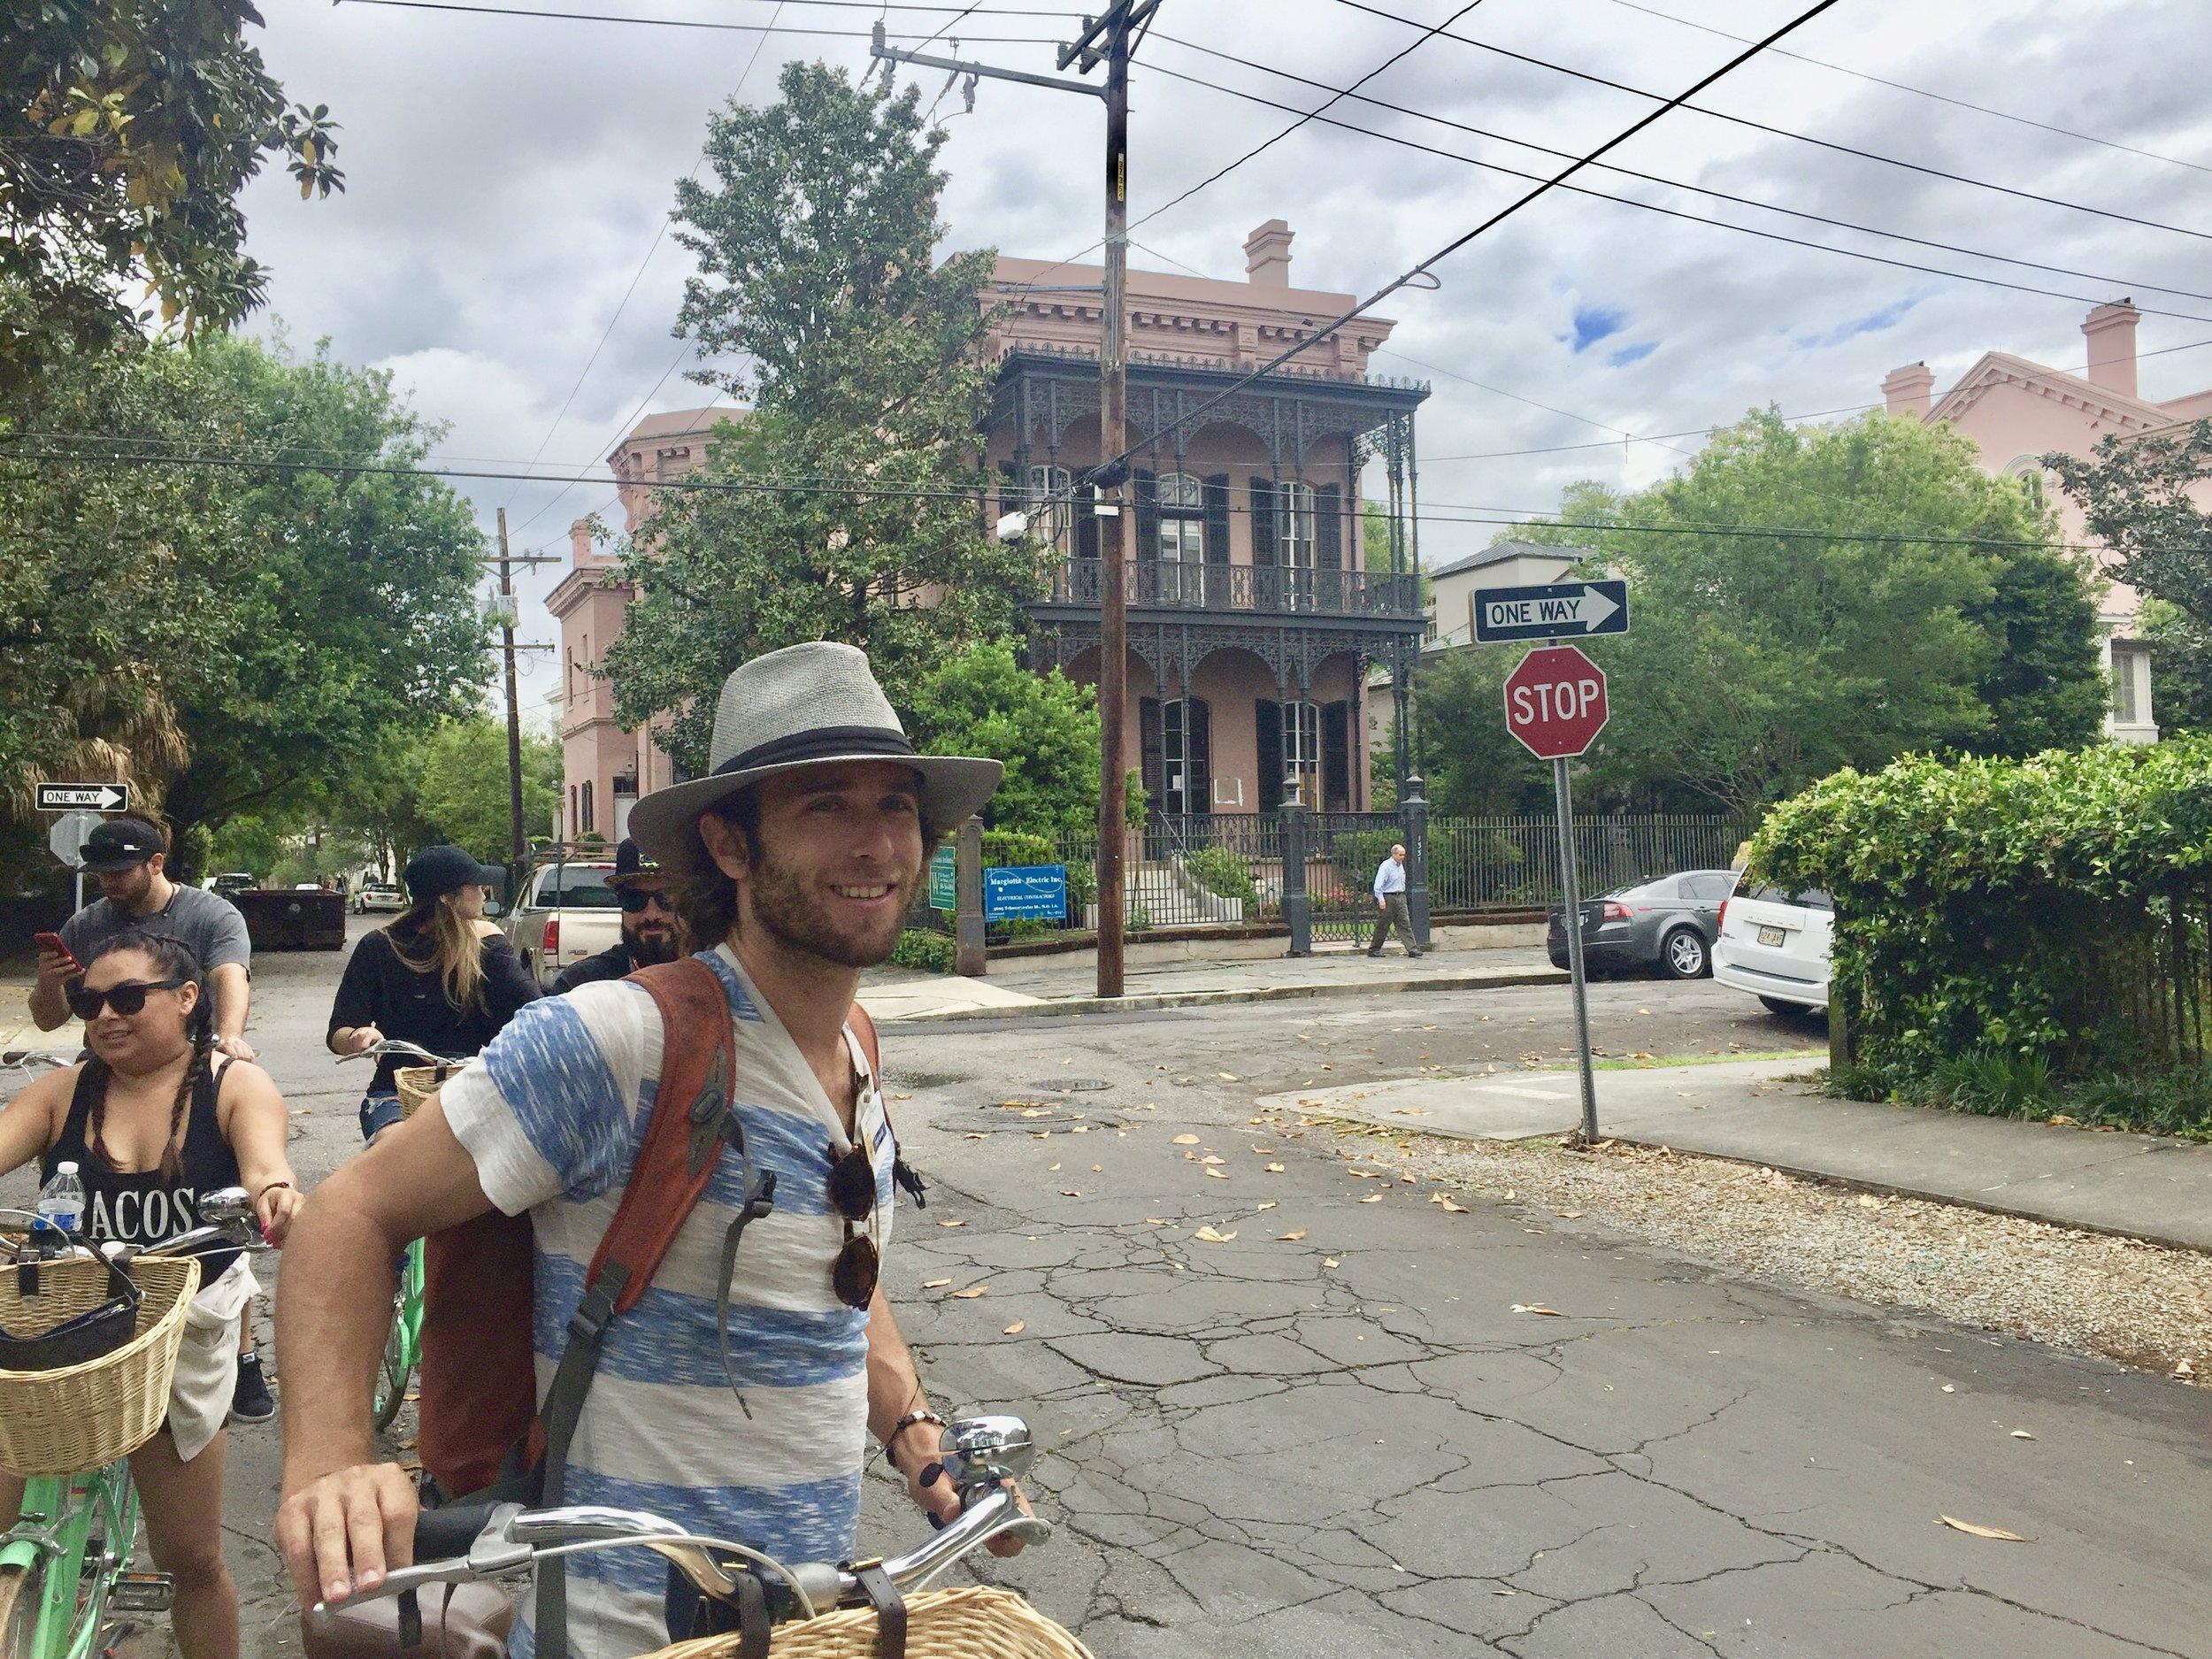 New Orleans Garden District Bike Tour